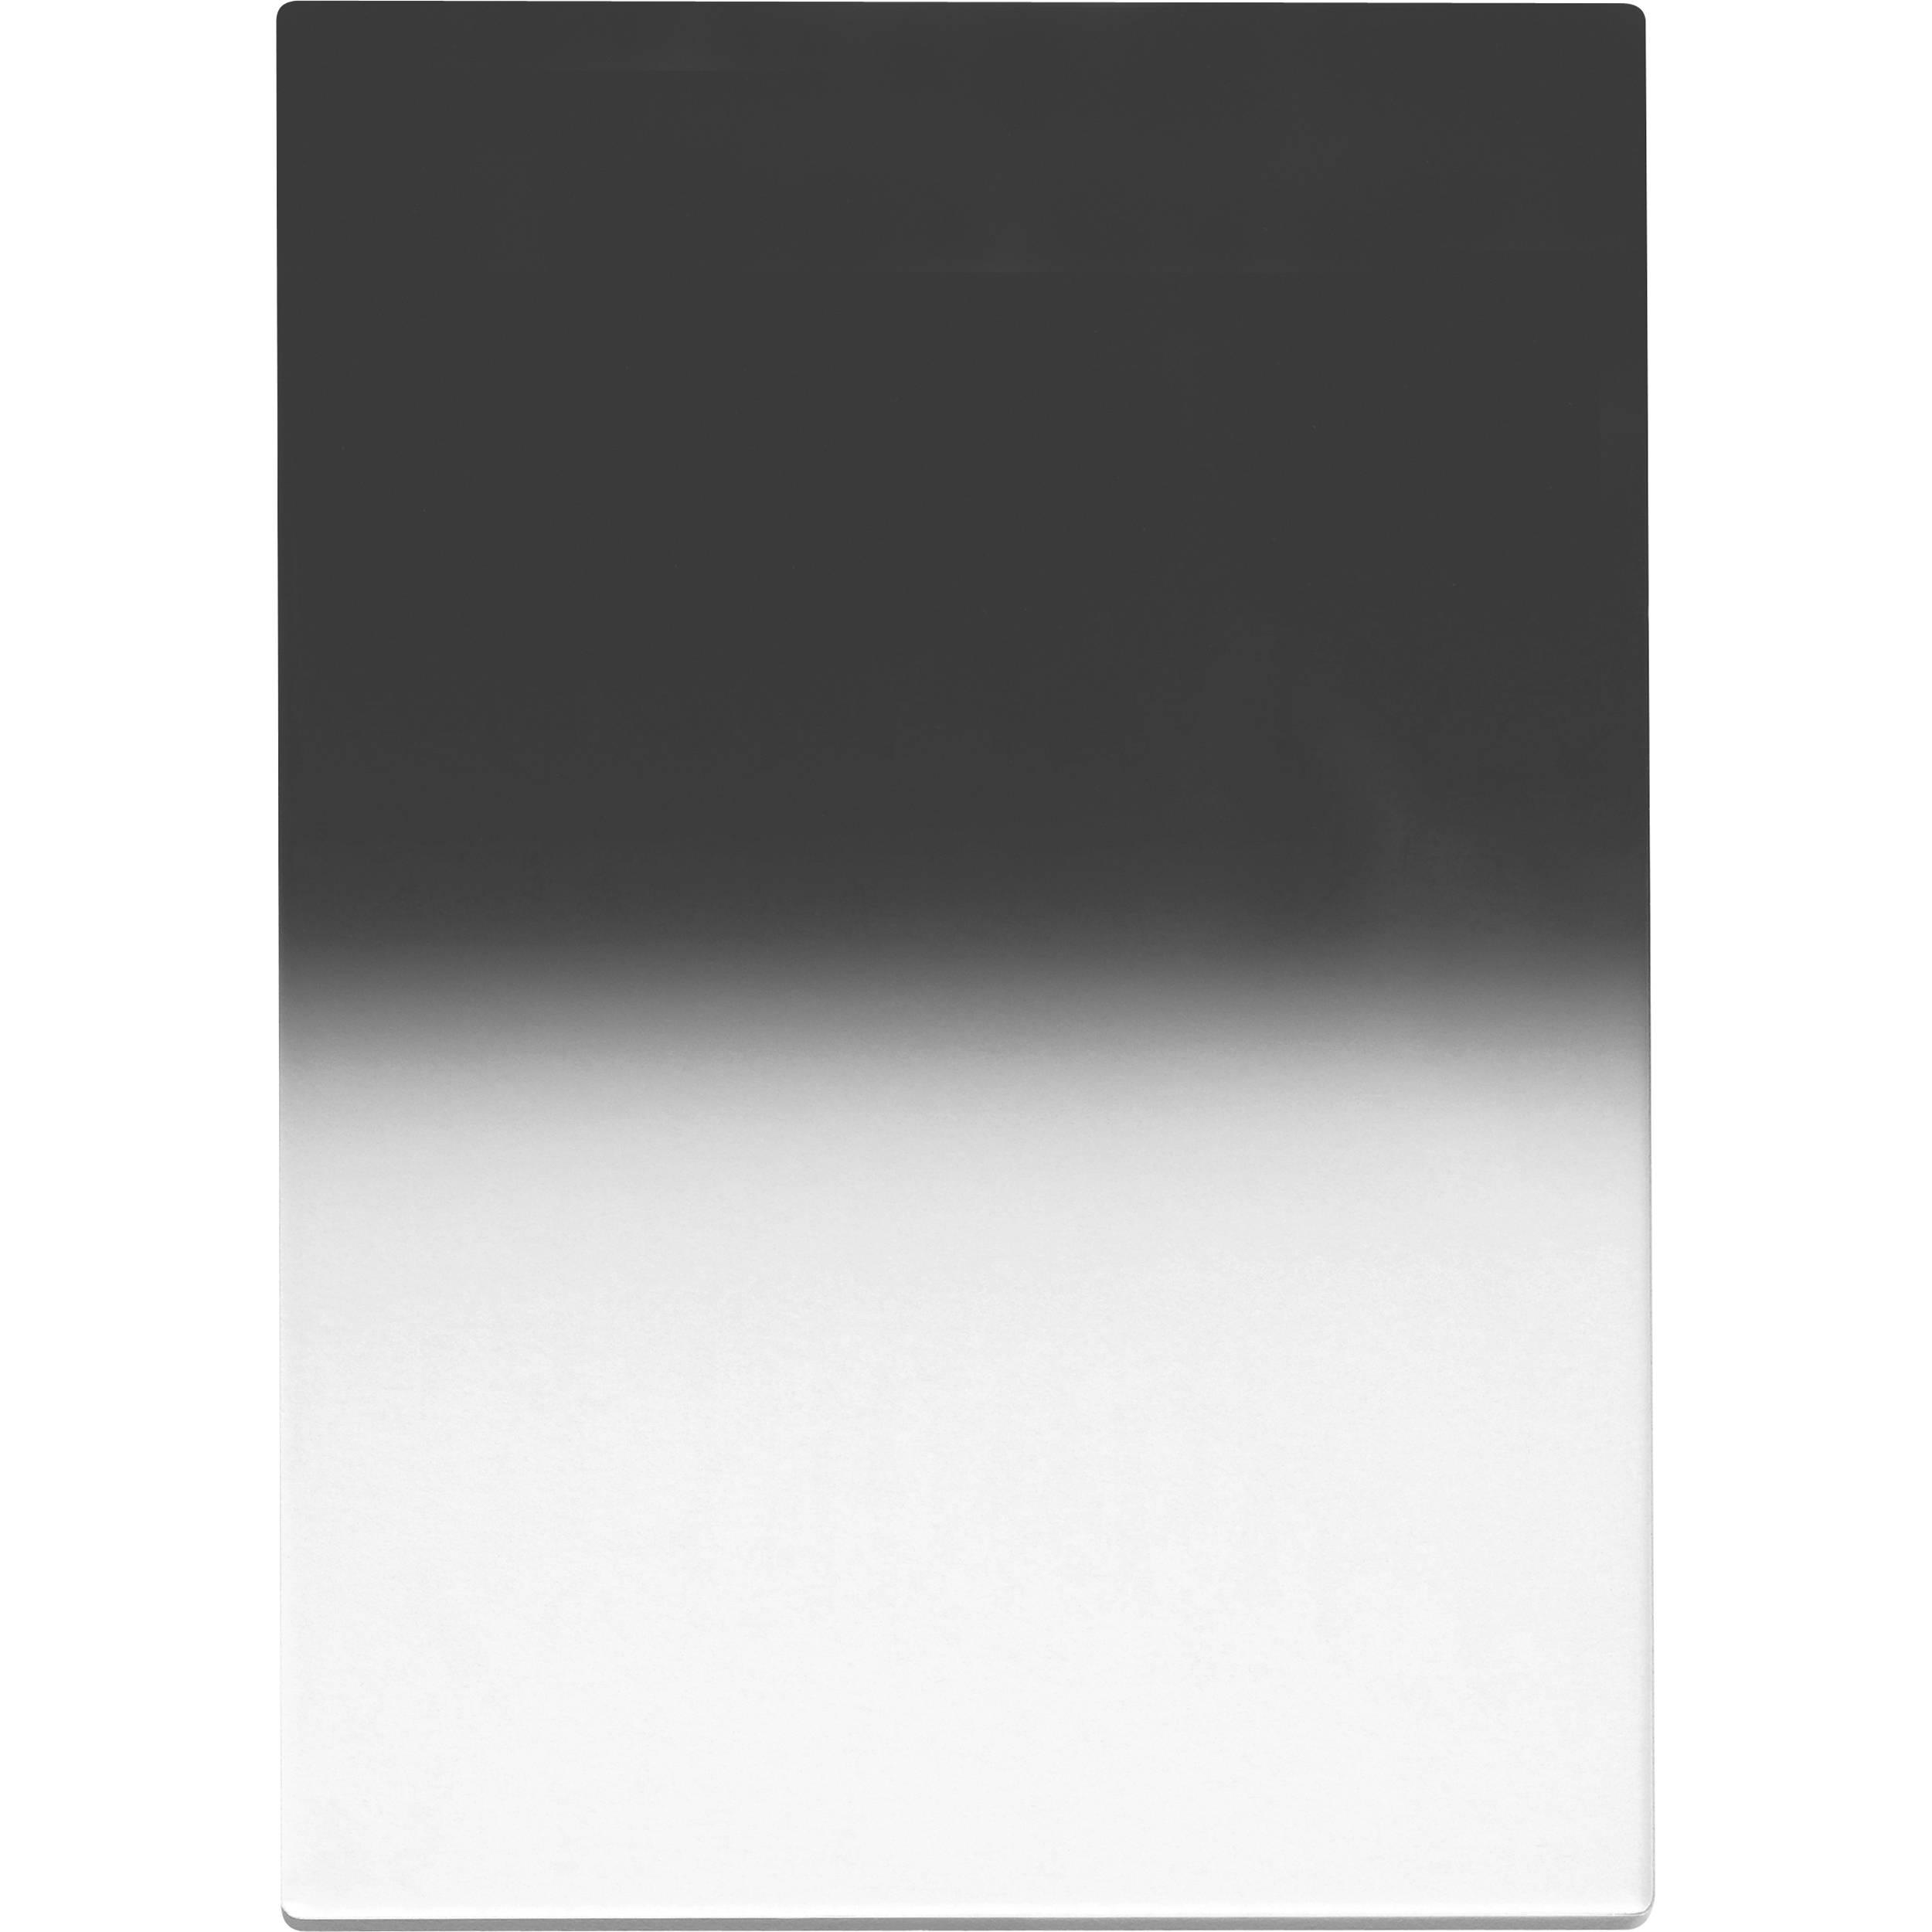 Lee Filters Grauverlaufsfilter Grauverlauffilter, Graduated Neutral Density ND-Filter ND 0,6 Medium Grad f/ür SW150-Filterhalter